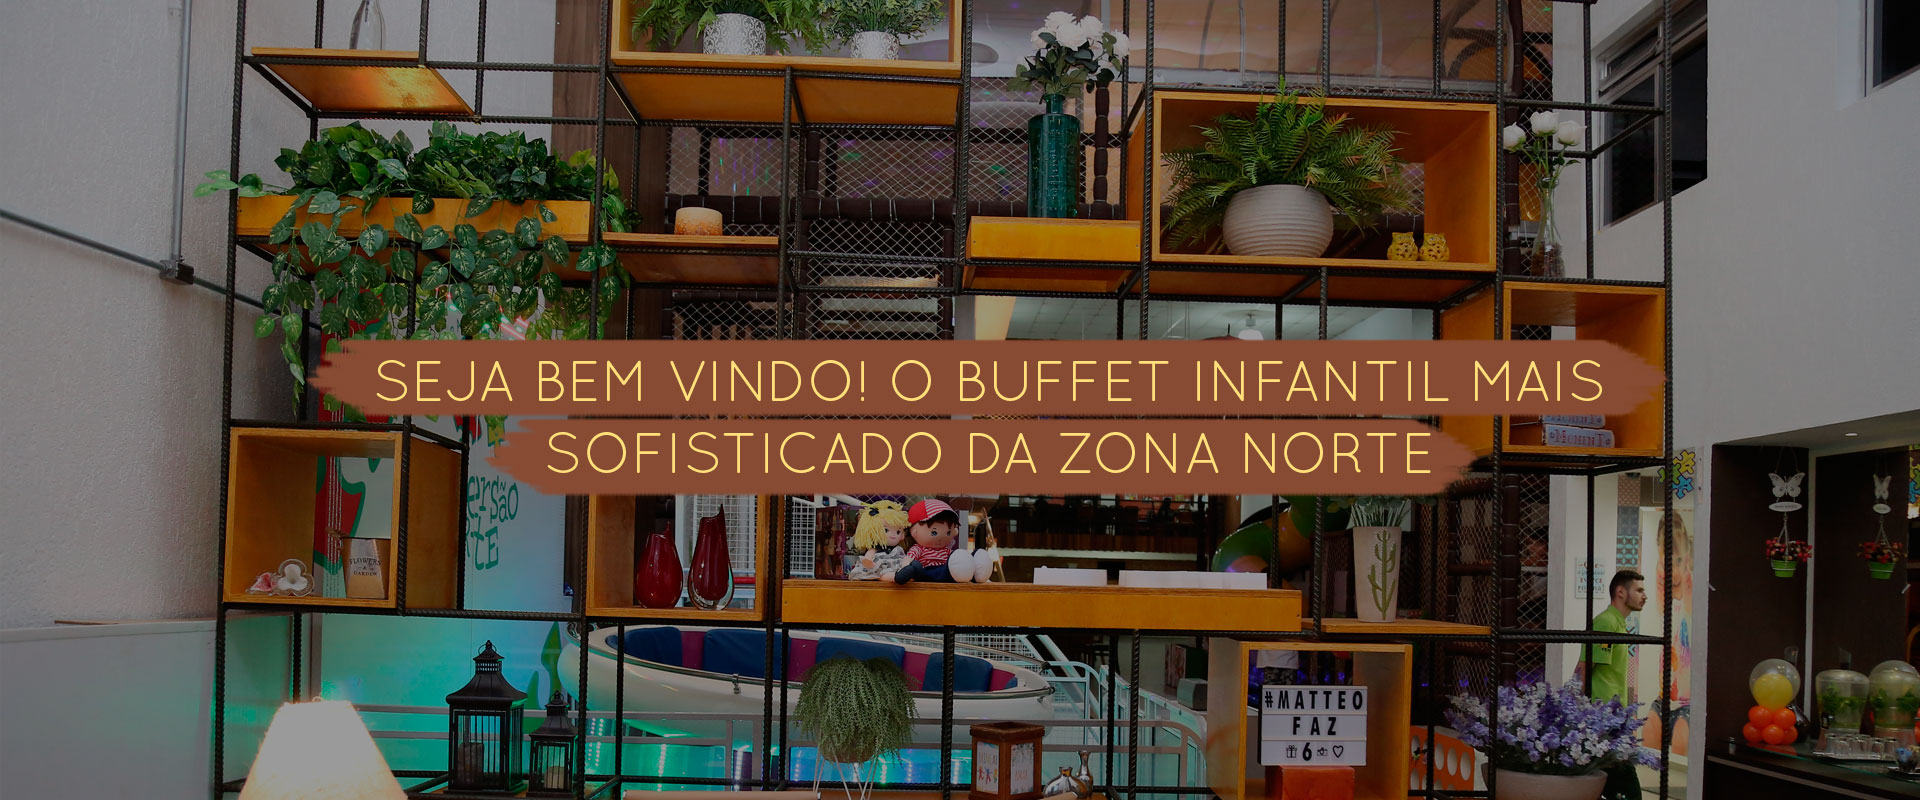 banner-buffet-infantil-mais-sofisticado-da-regiao